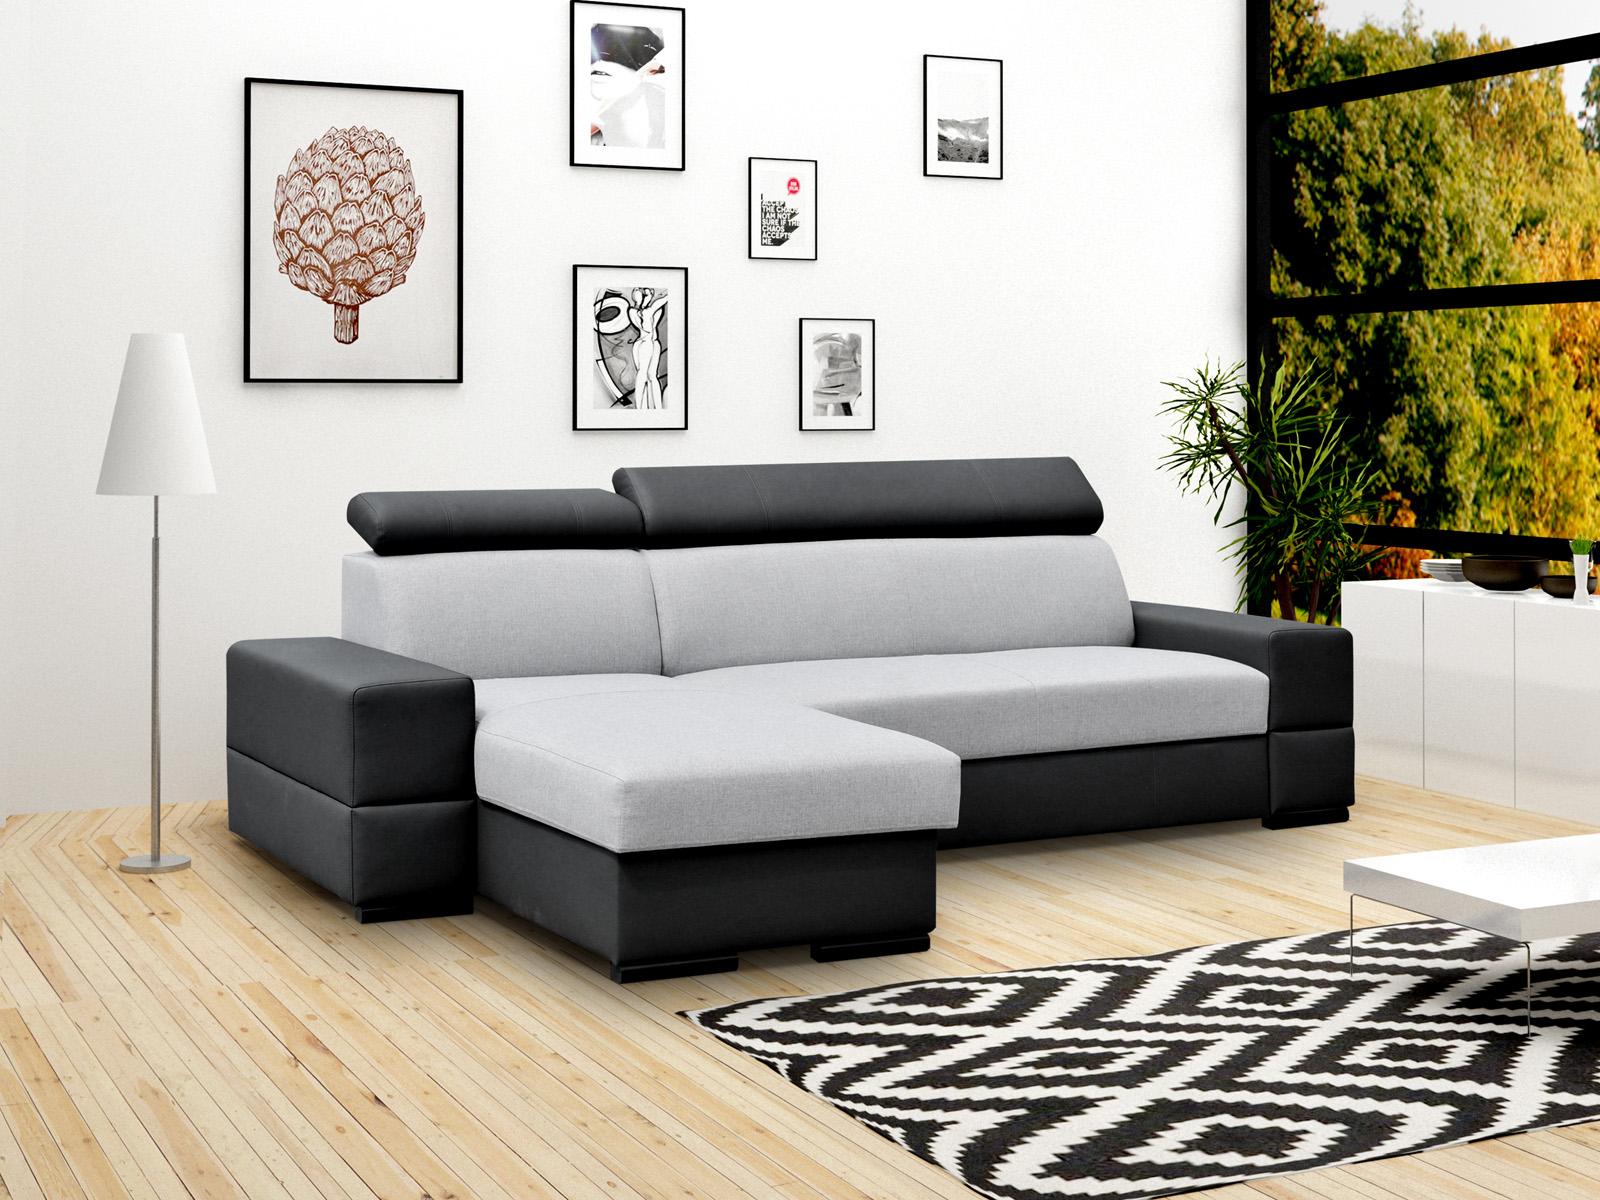 Smartshop Rohová sedačka CORTINA Flexi 2, univerzální, šedá látka/černá ekokůže